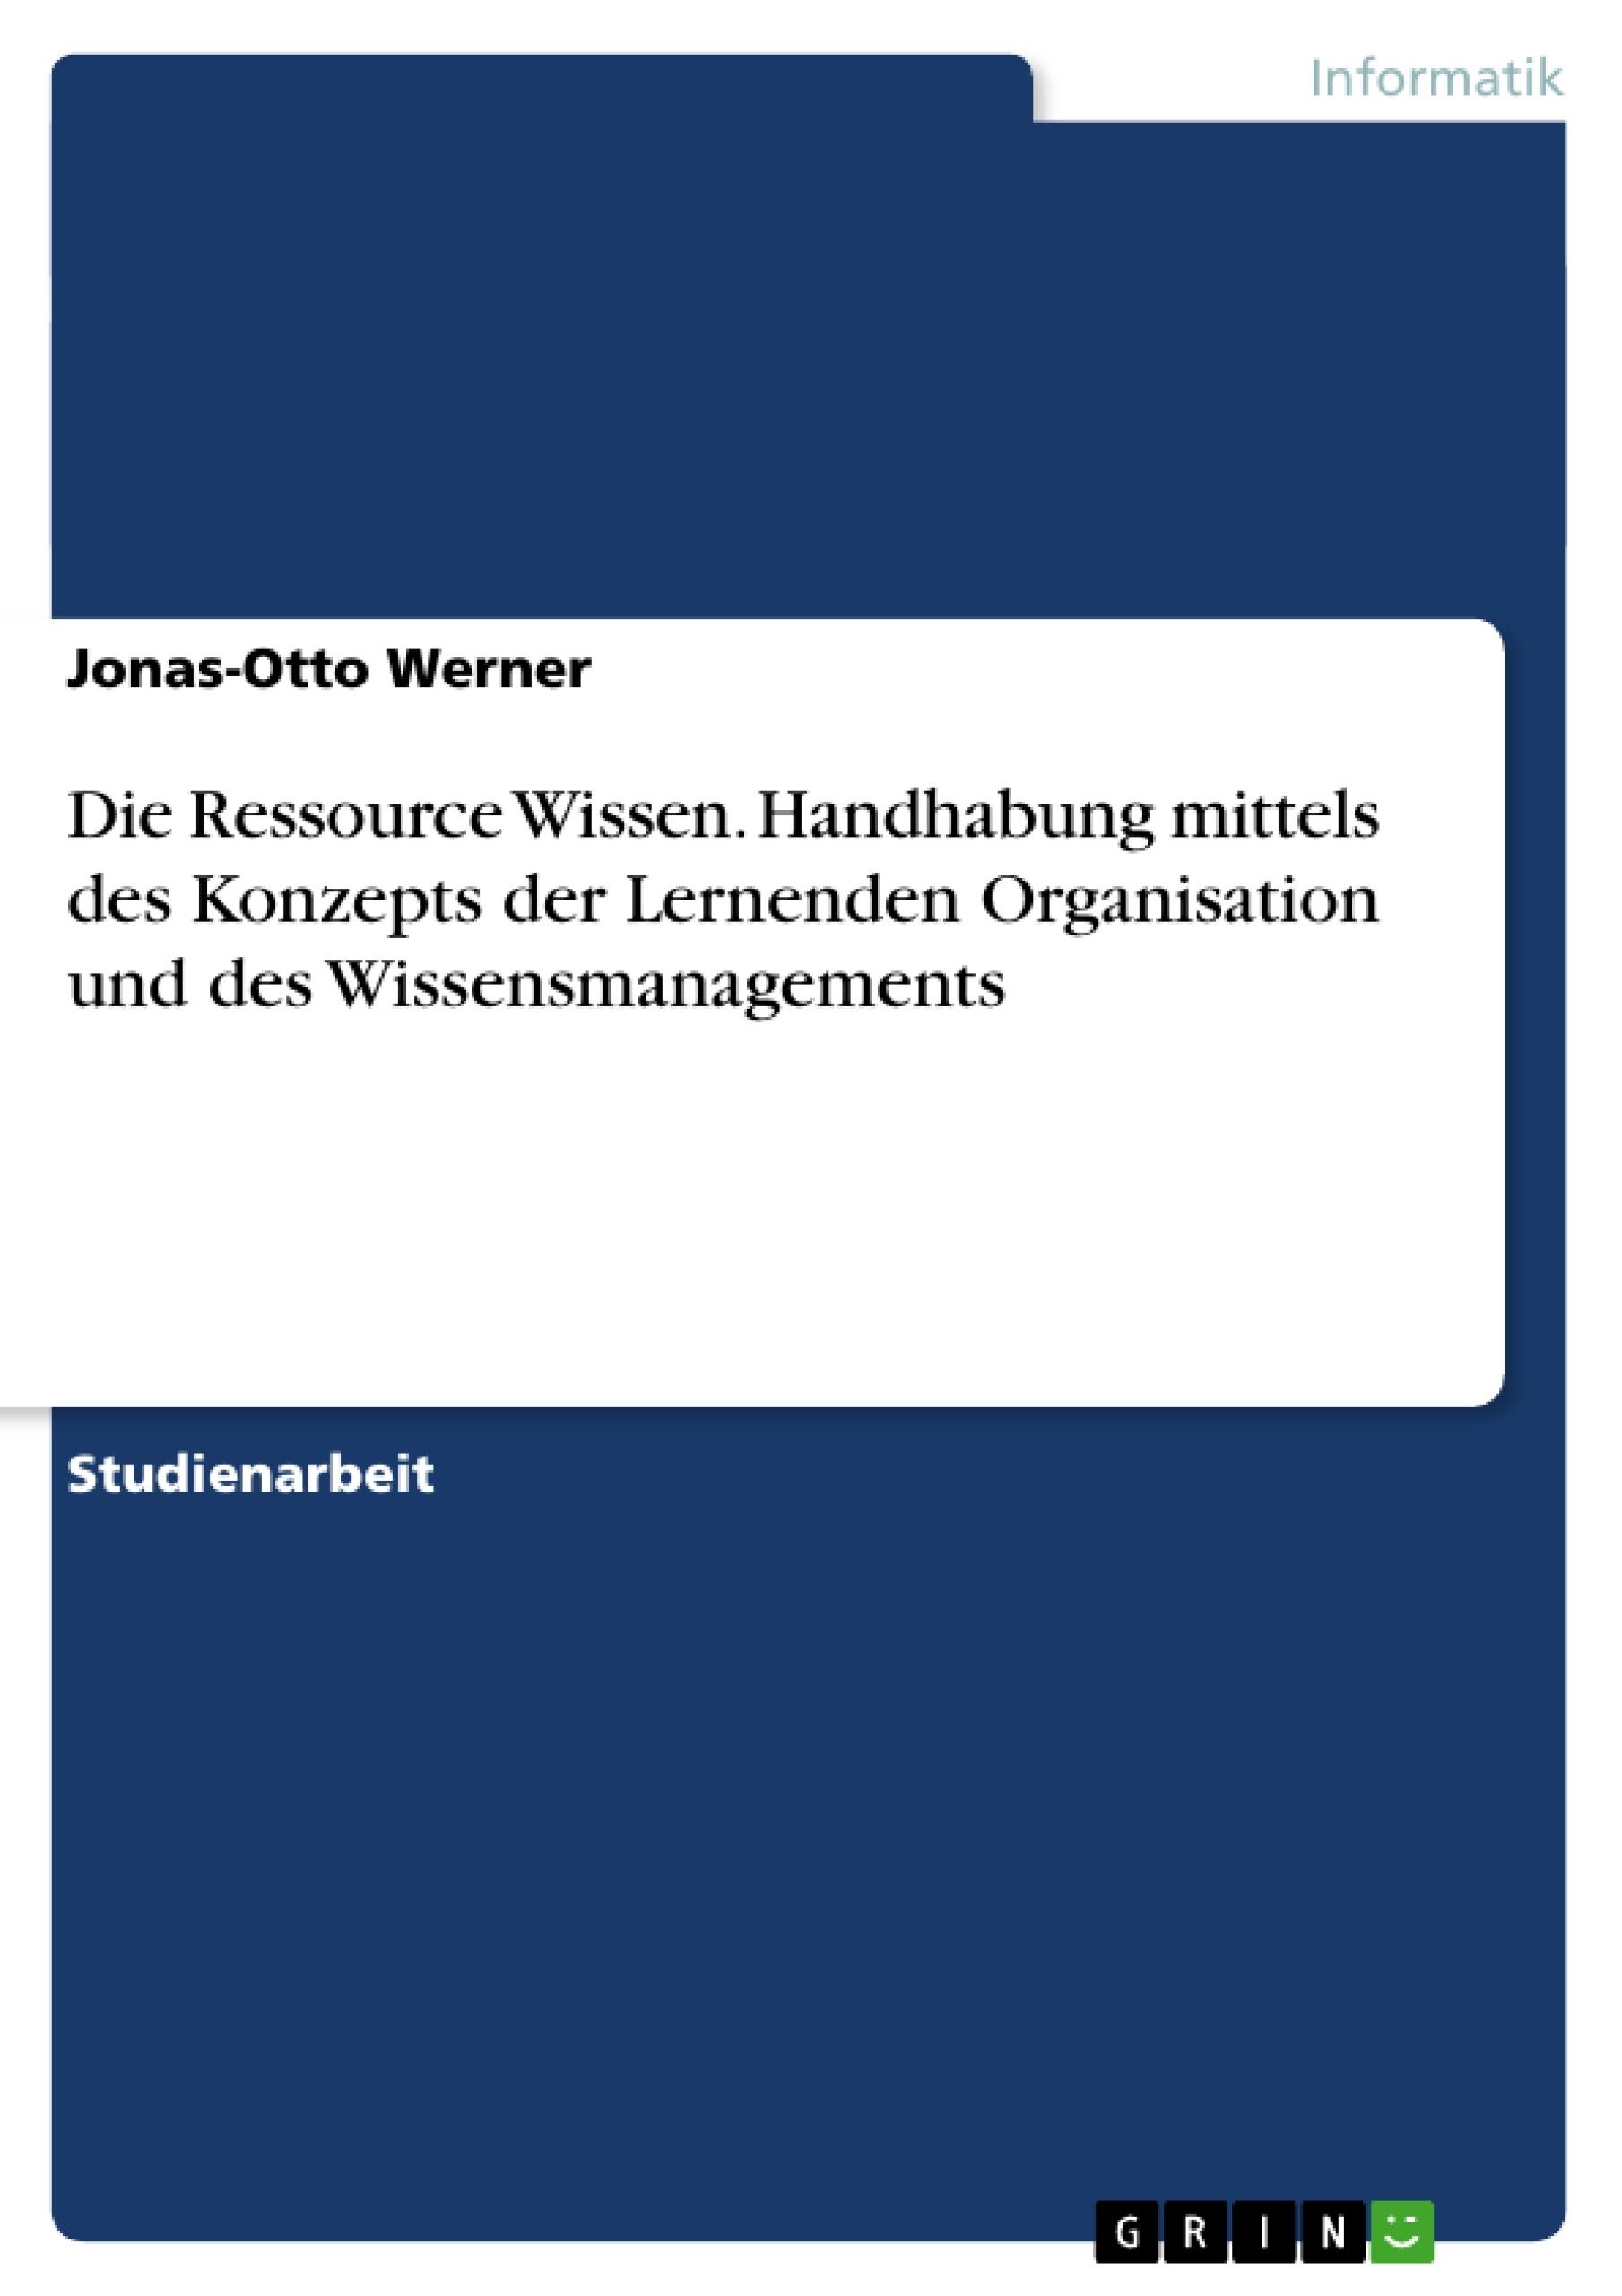 Titel: Die Ressource Wissen. Handhabung mittels des Konzepts der Lernenden Organisation und des Wissensmanagements